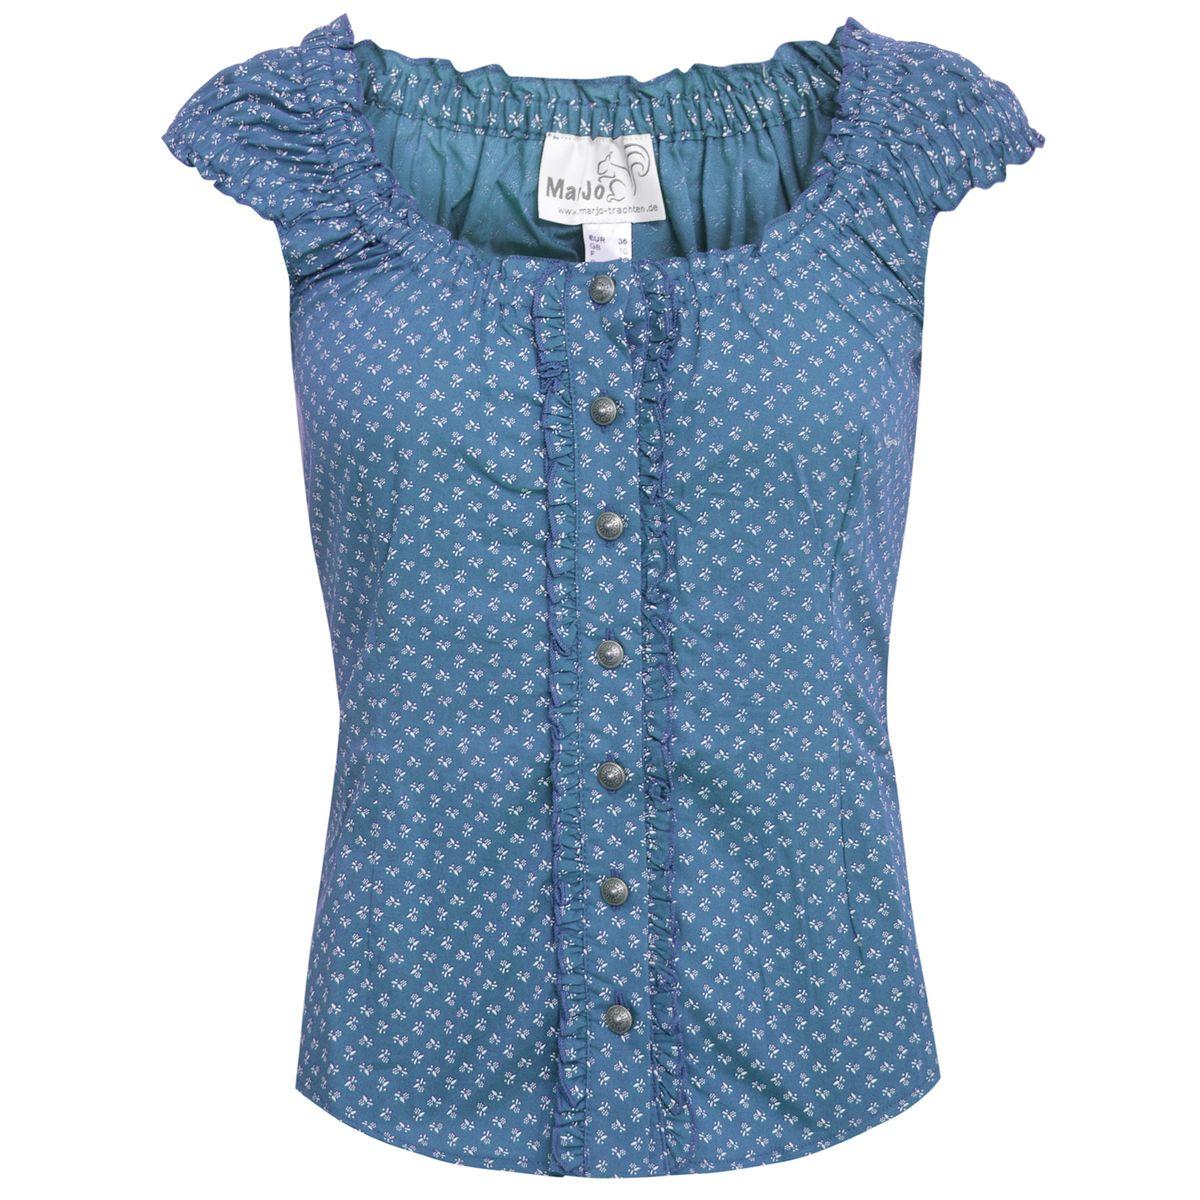 Trachtenbluse Darina-Maren in Blau von Marjo Trachten günstig online kaufen